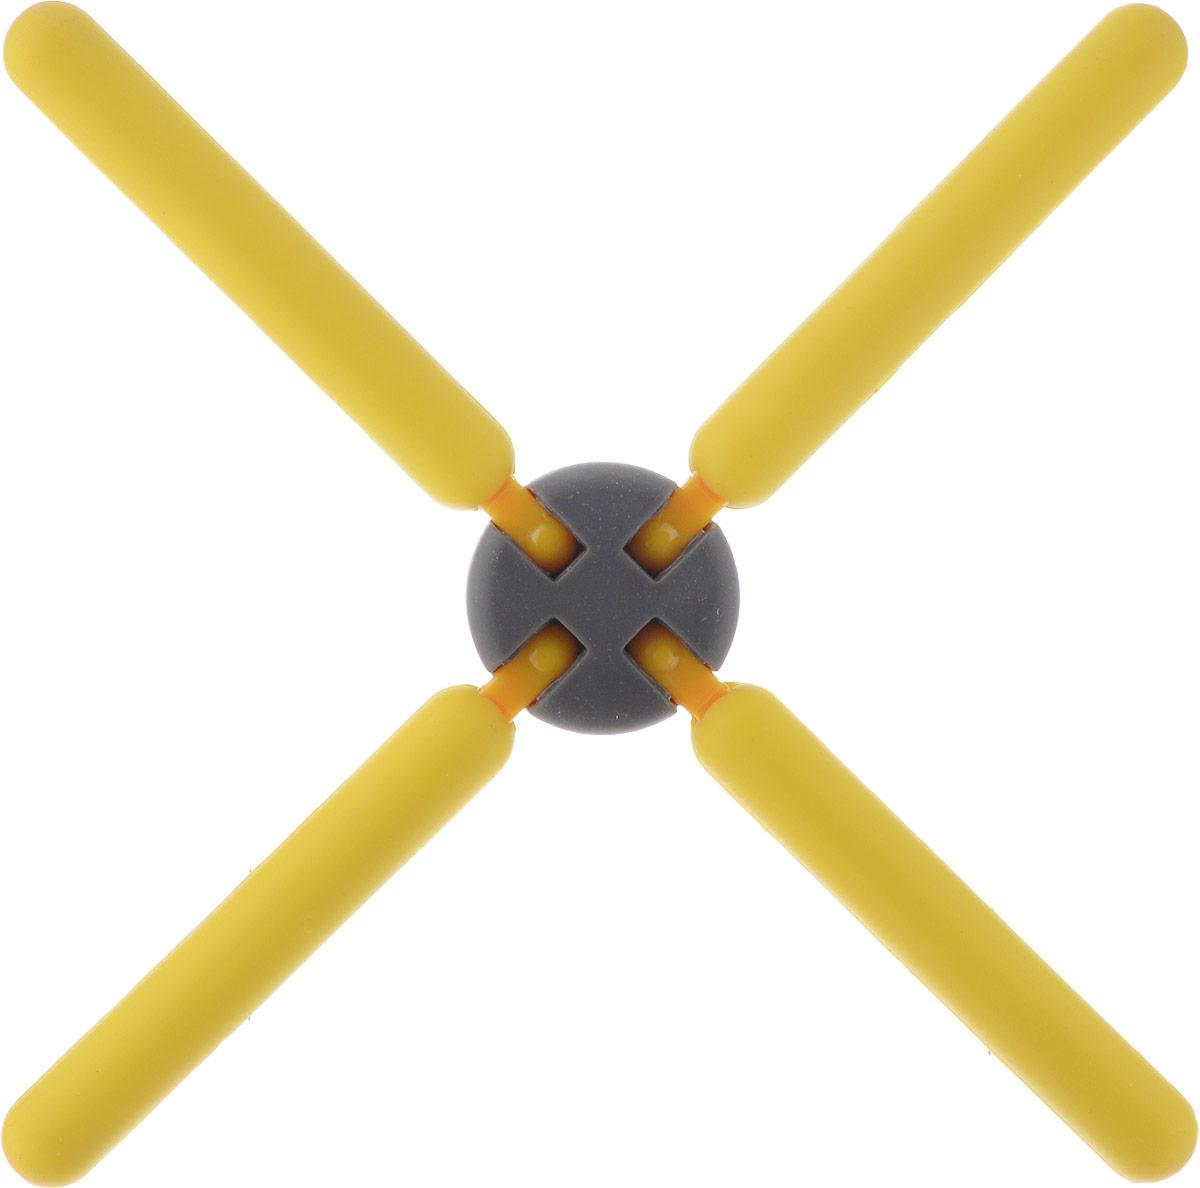 Подставка под горячее Mayer & Boch, цвет: желтый, 22 см. 21939-221939-2Подставка под горячее Mayer & Boch изготовлена из термостойкого силикона.Имеет красивый дизайн, яркие цвета. Подставка оформлена в виде 4 палочек, соединенных в середине. Складная. Занимает мало места. Раскладывается на 4 стороны.